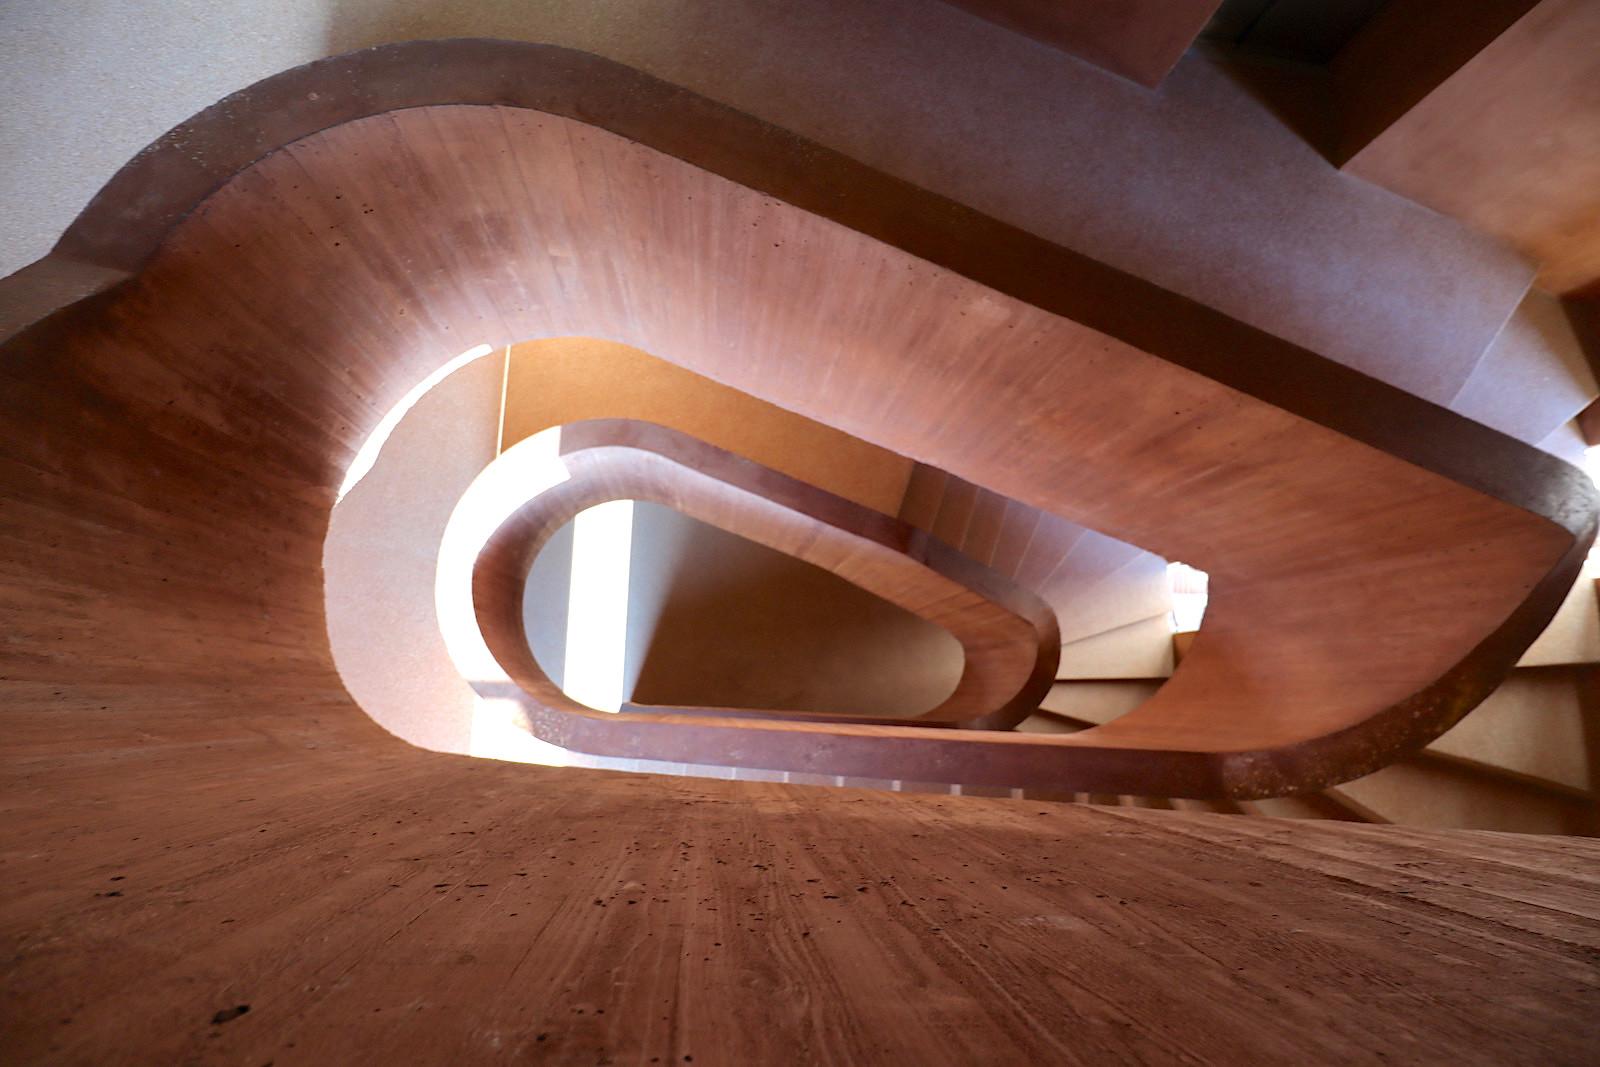 MKM Museum Küppersmühle für Moderne Kunst. Die einläufig gewendelte Betontreppe ist mit der Brüstung in einem Guss ausgeführt. Die Führungslinie verläuft um ein ovales Treppenauge in sanften Schleifen.